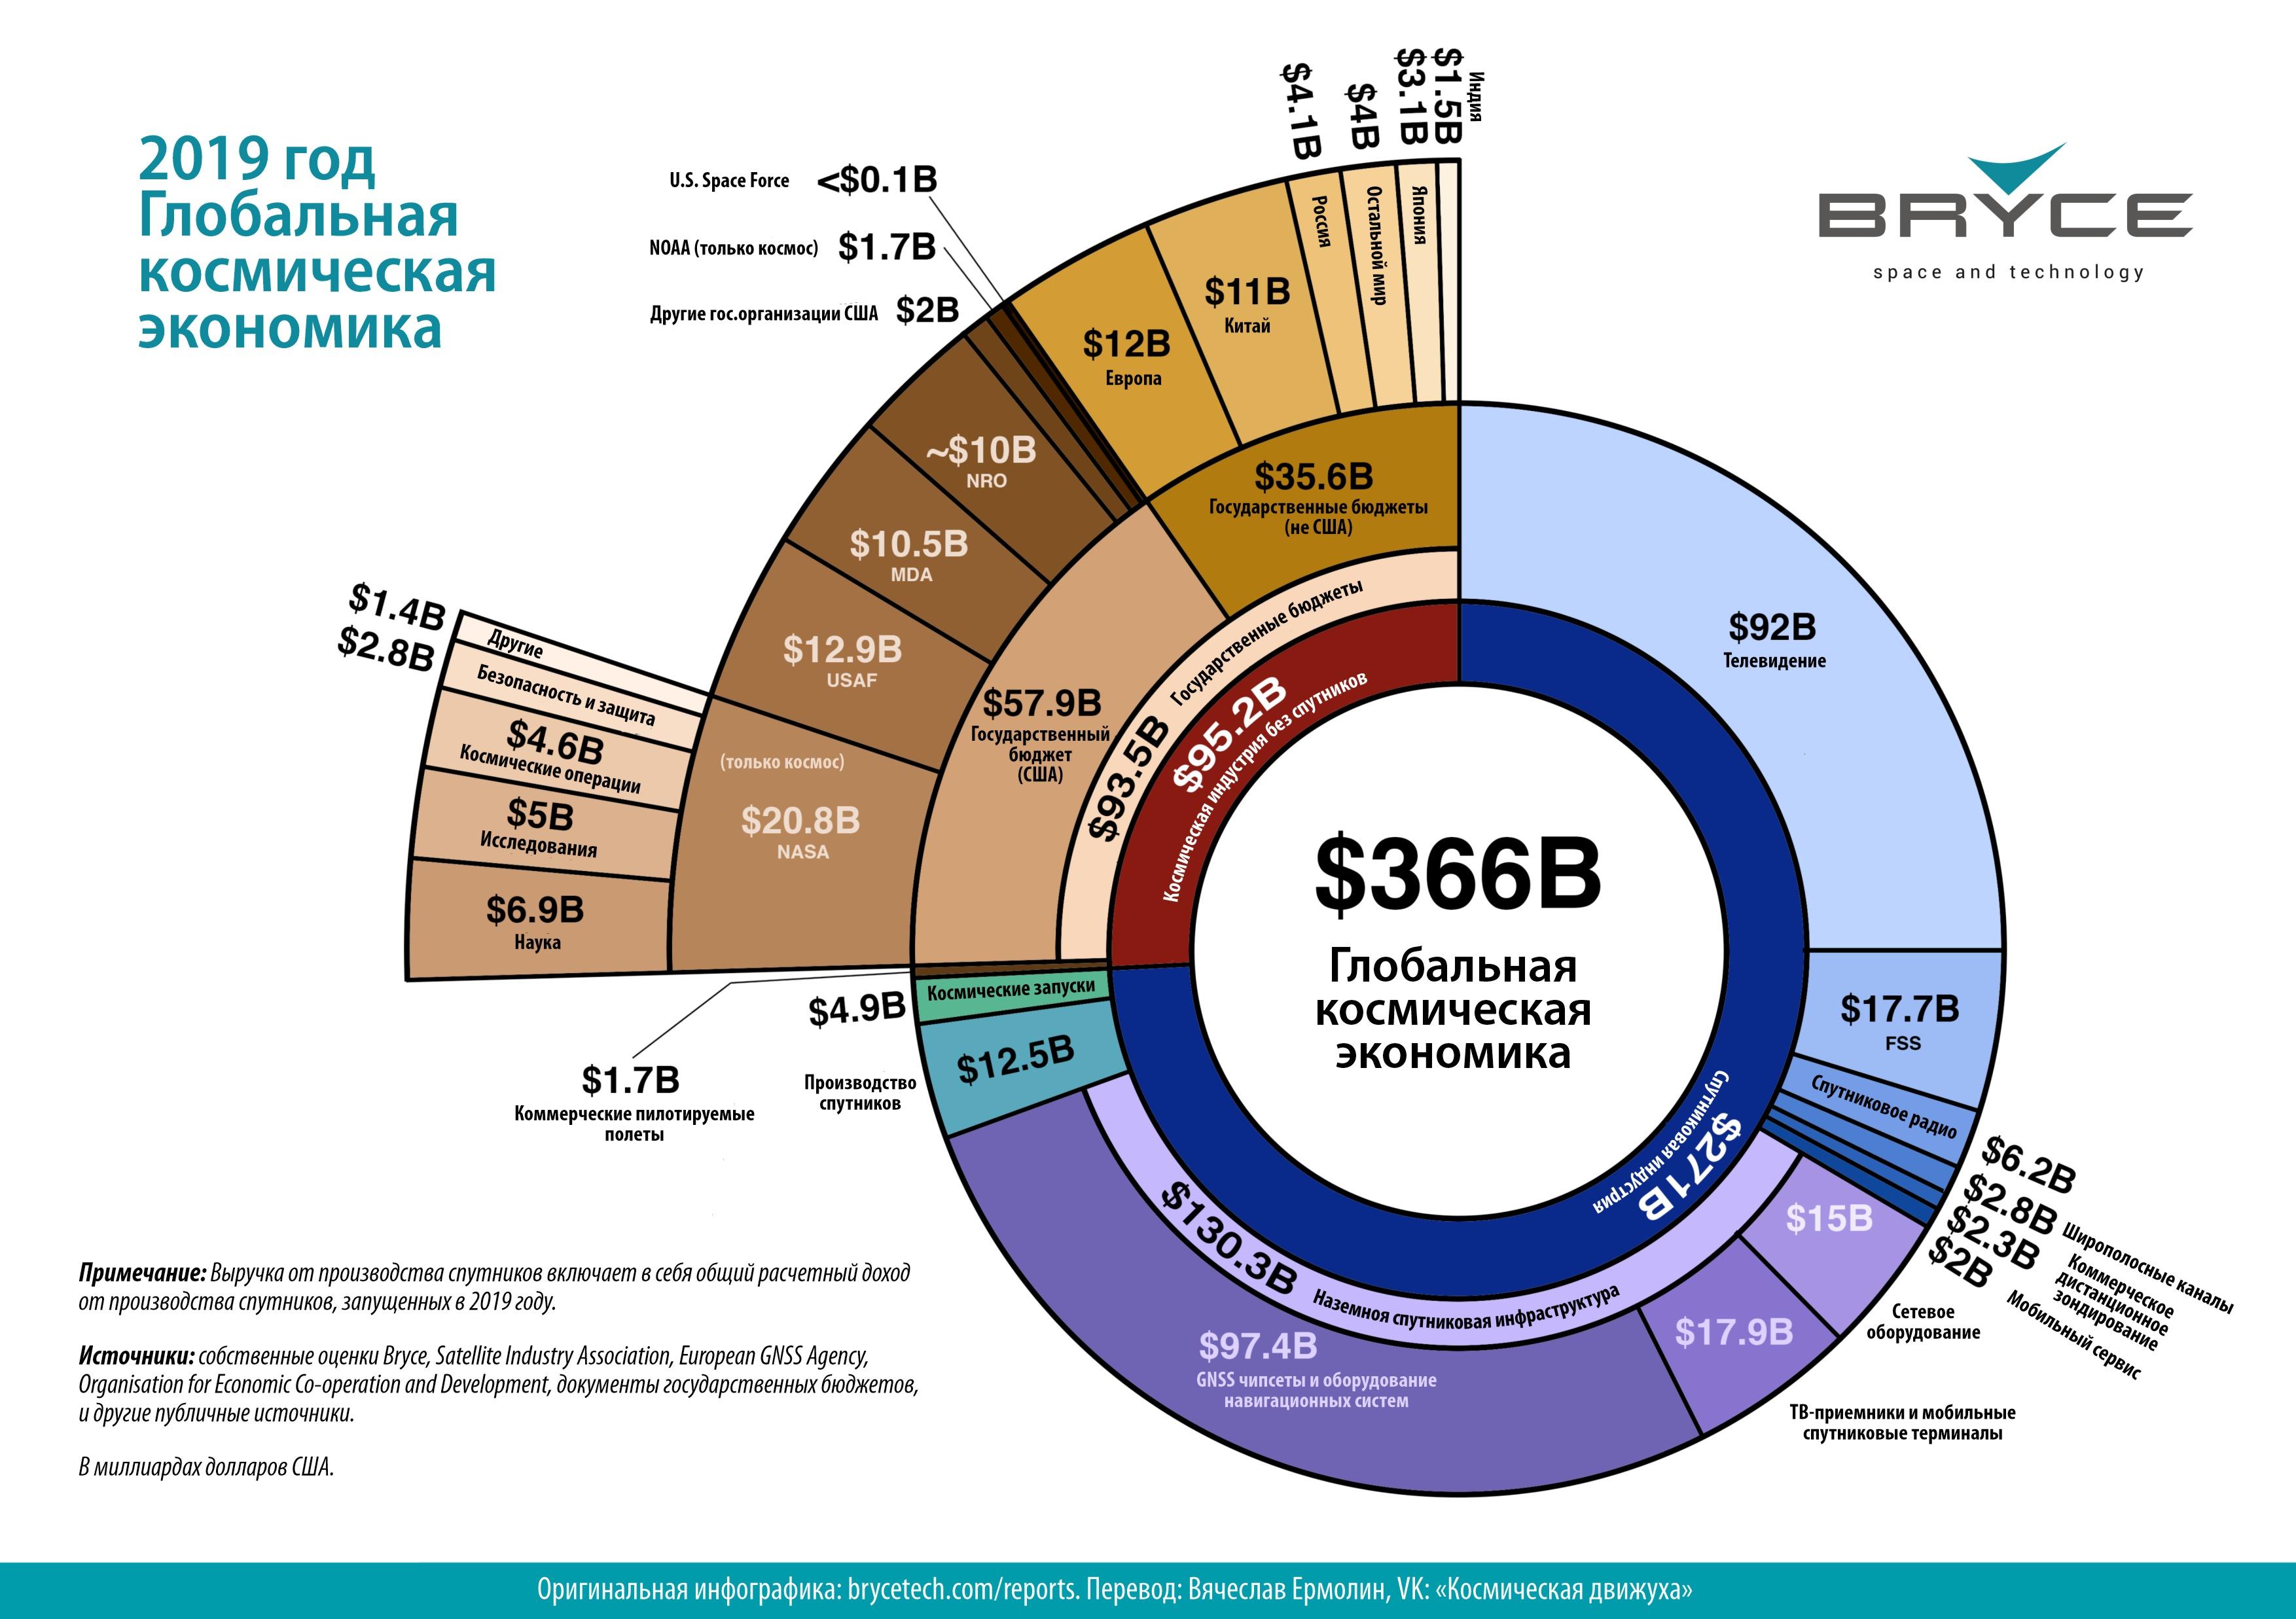 2019. Космический бюджет Земли